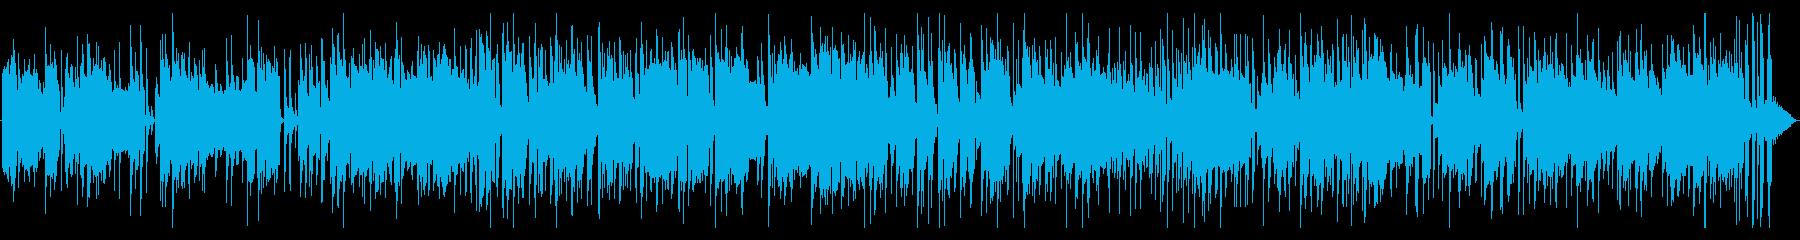 ファンクなフュージョン系ピアノポップの再生済みの波形